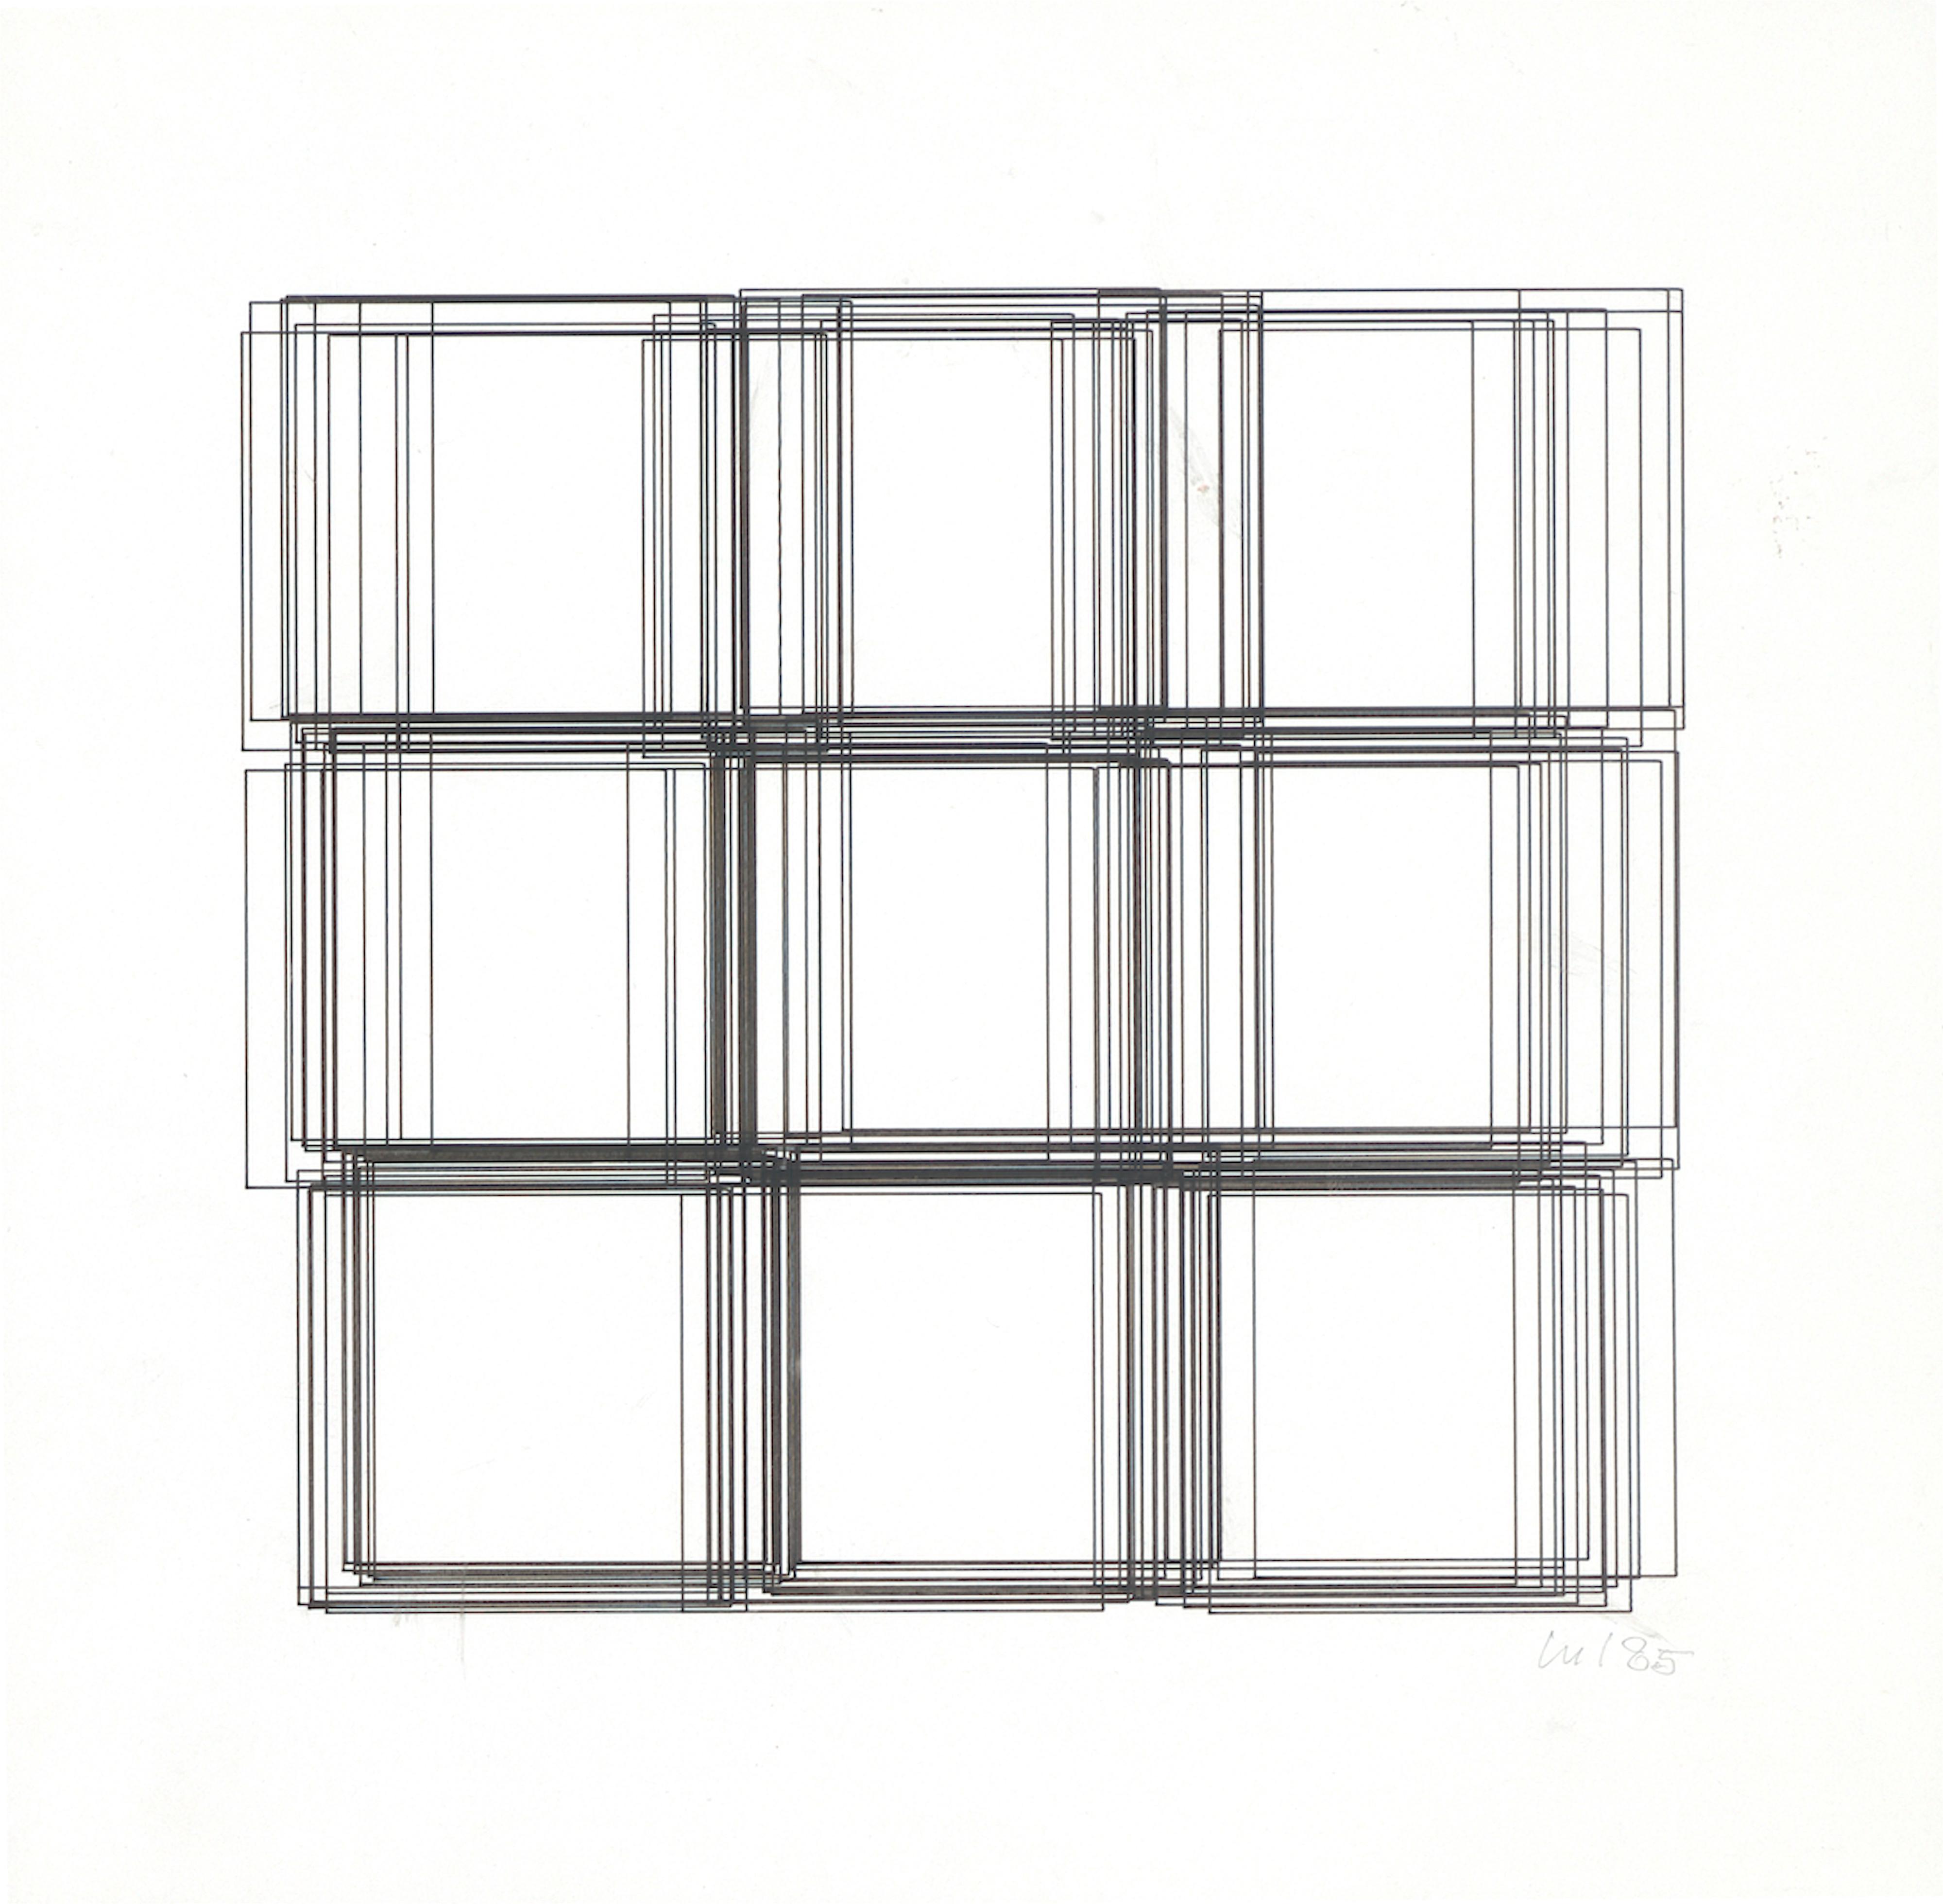 Vera Molnar, Repentier, Plotterzeichnung, Tinte auf Papier, 22 x 23 cm, 1985